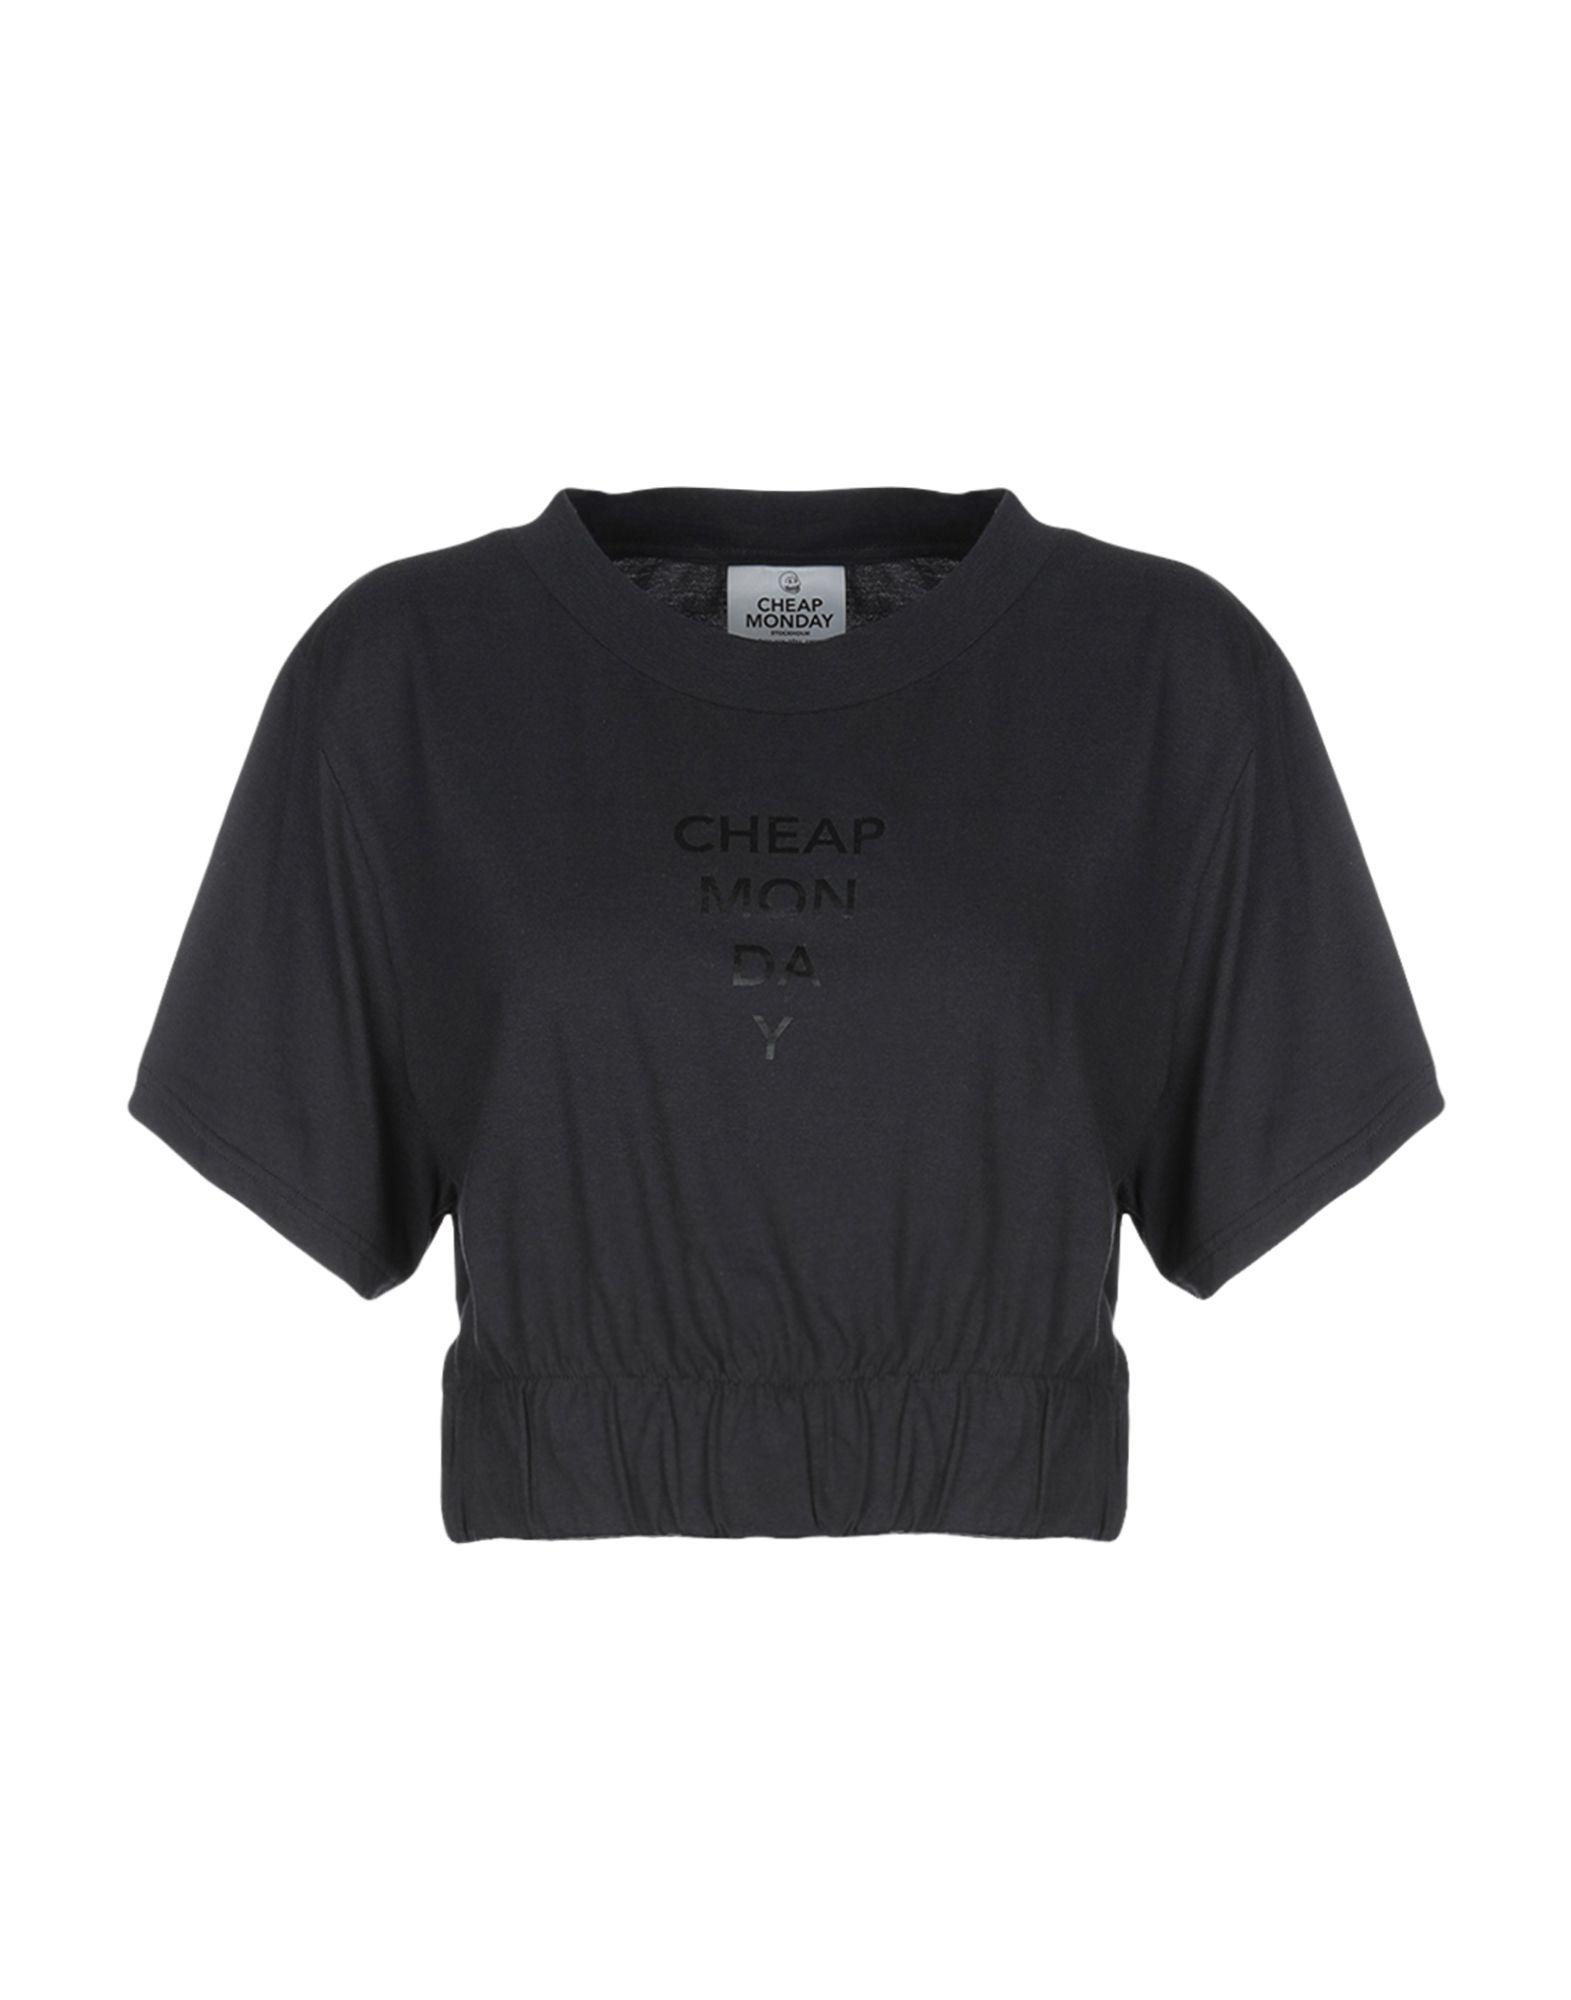 《送料無料》CHEAP MONDAY レディース T シャツ スチールグレー XS コットン 100%